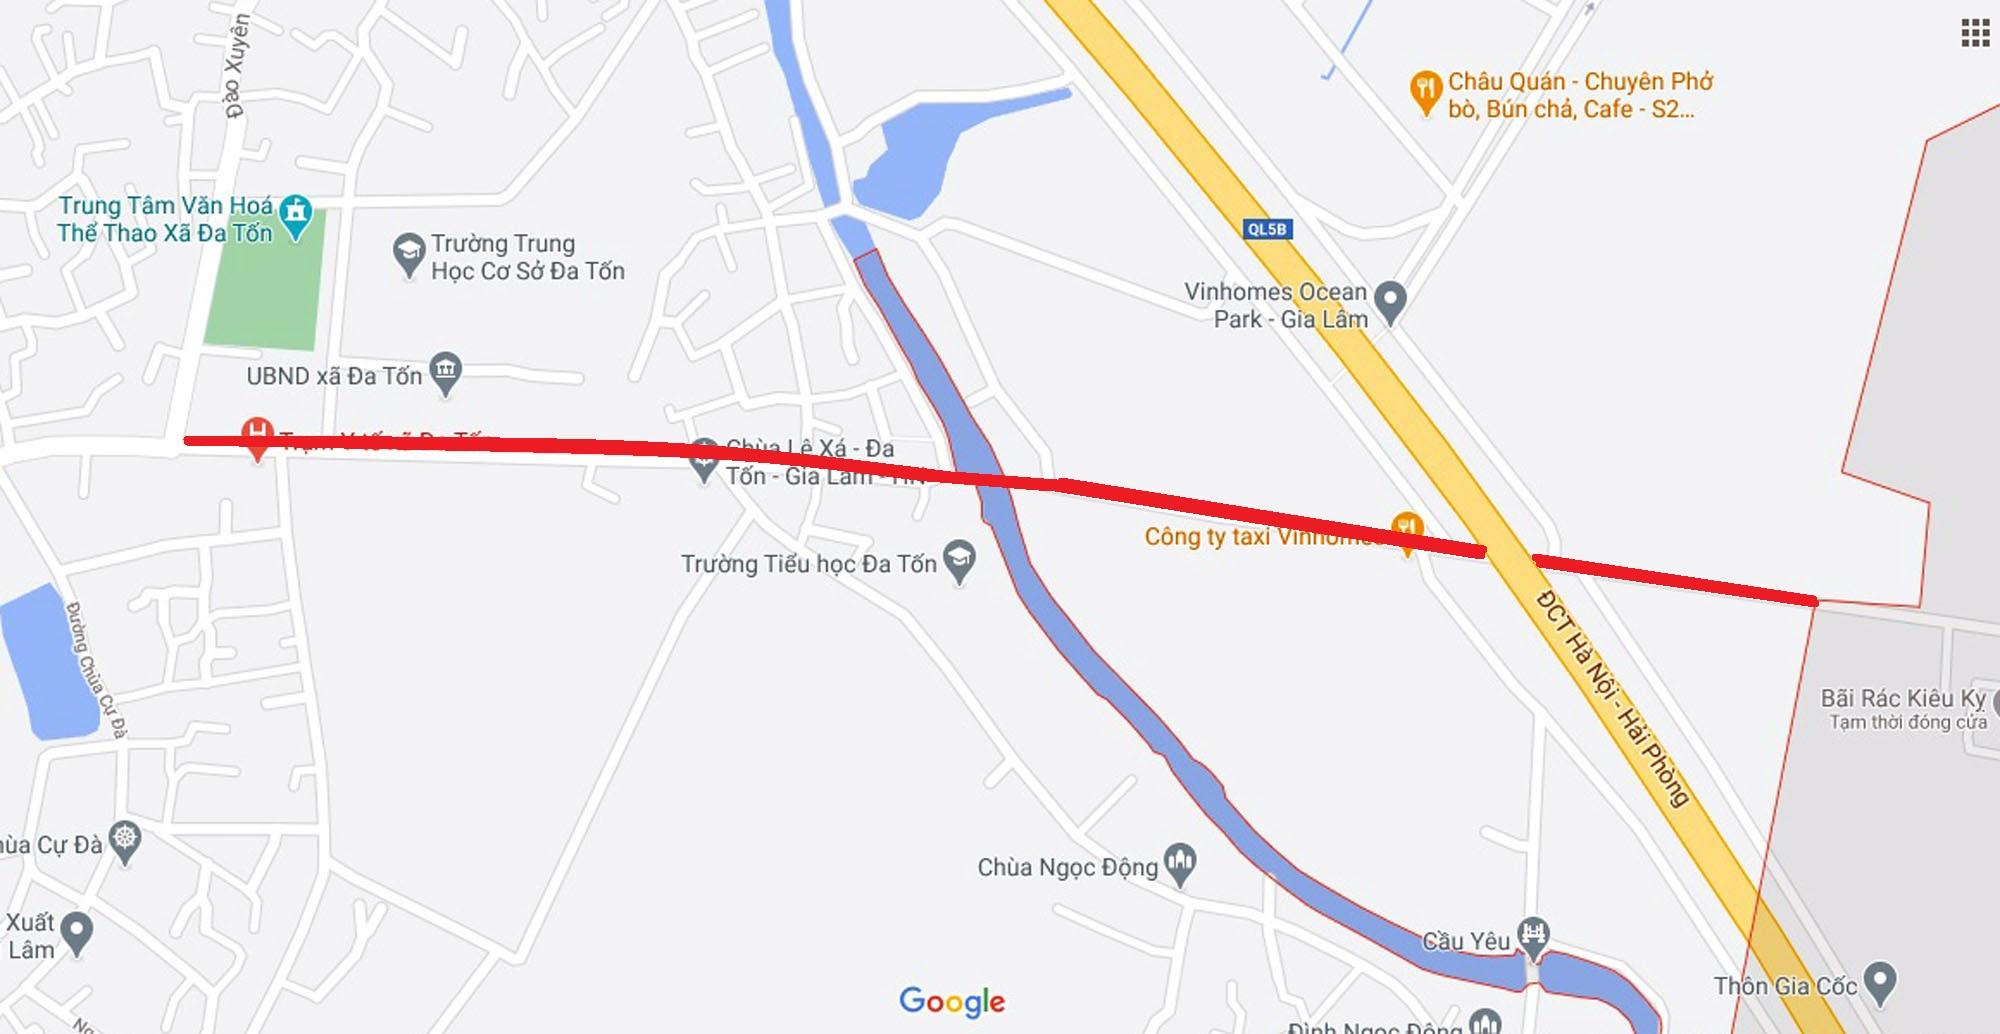 đường sẽ mở theo qui hoạch ở xã Đa Tốn, Gia Lâm, Hà Nội - Ảnh 2.